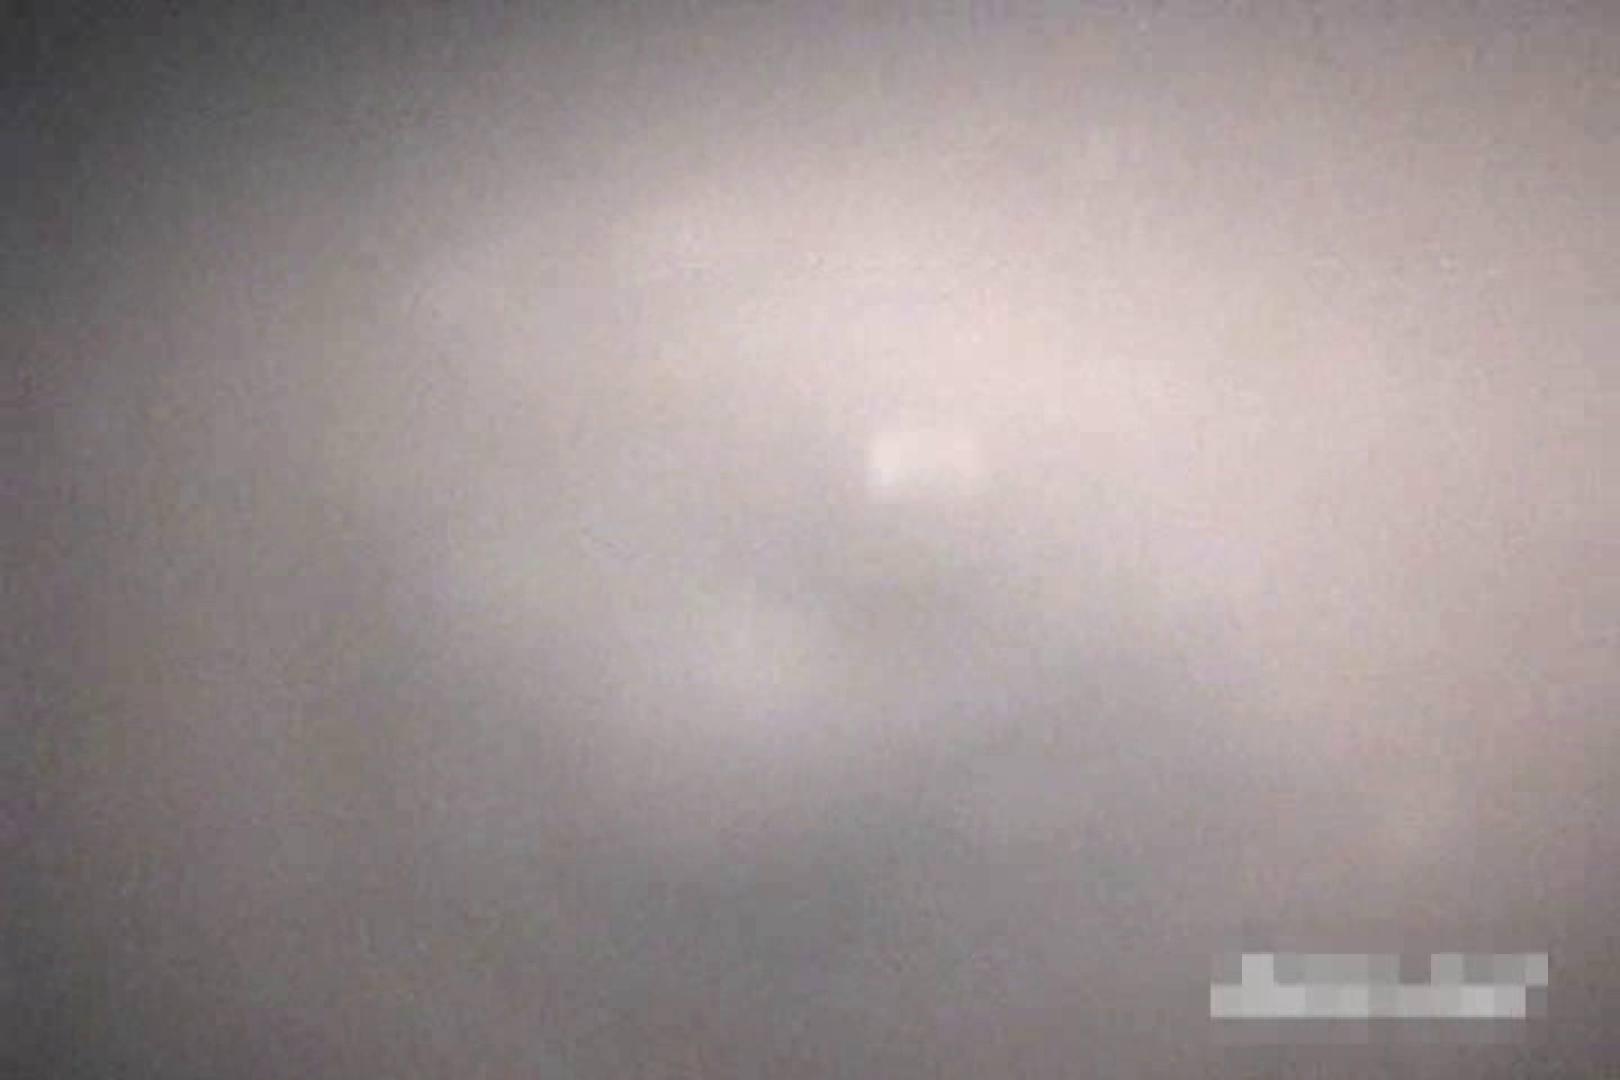 深夜の撮影会Vol.2 接写 盗み撮り動画 95画像 70